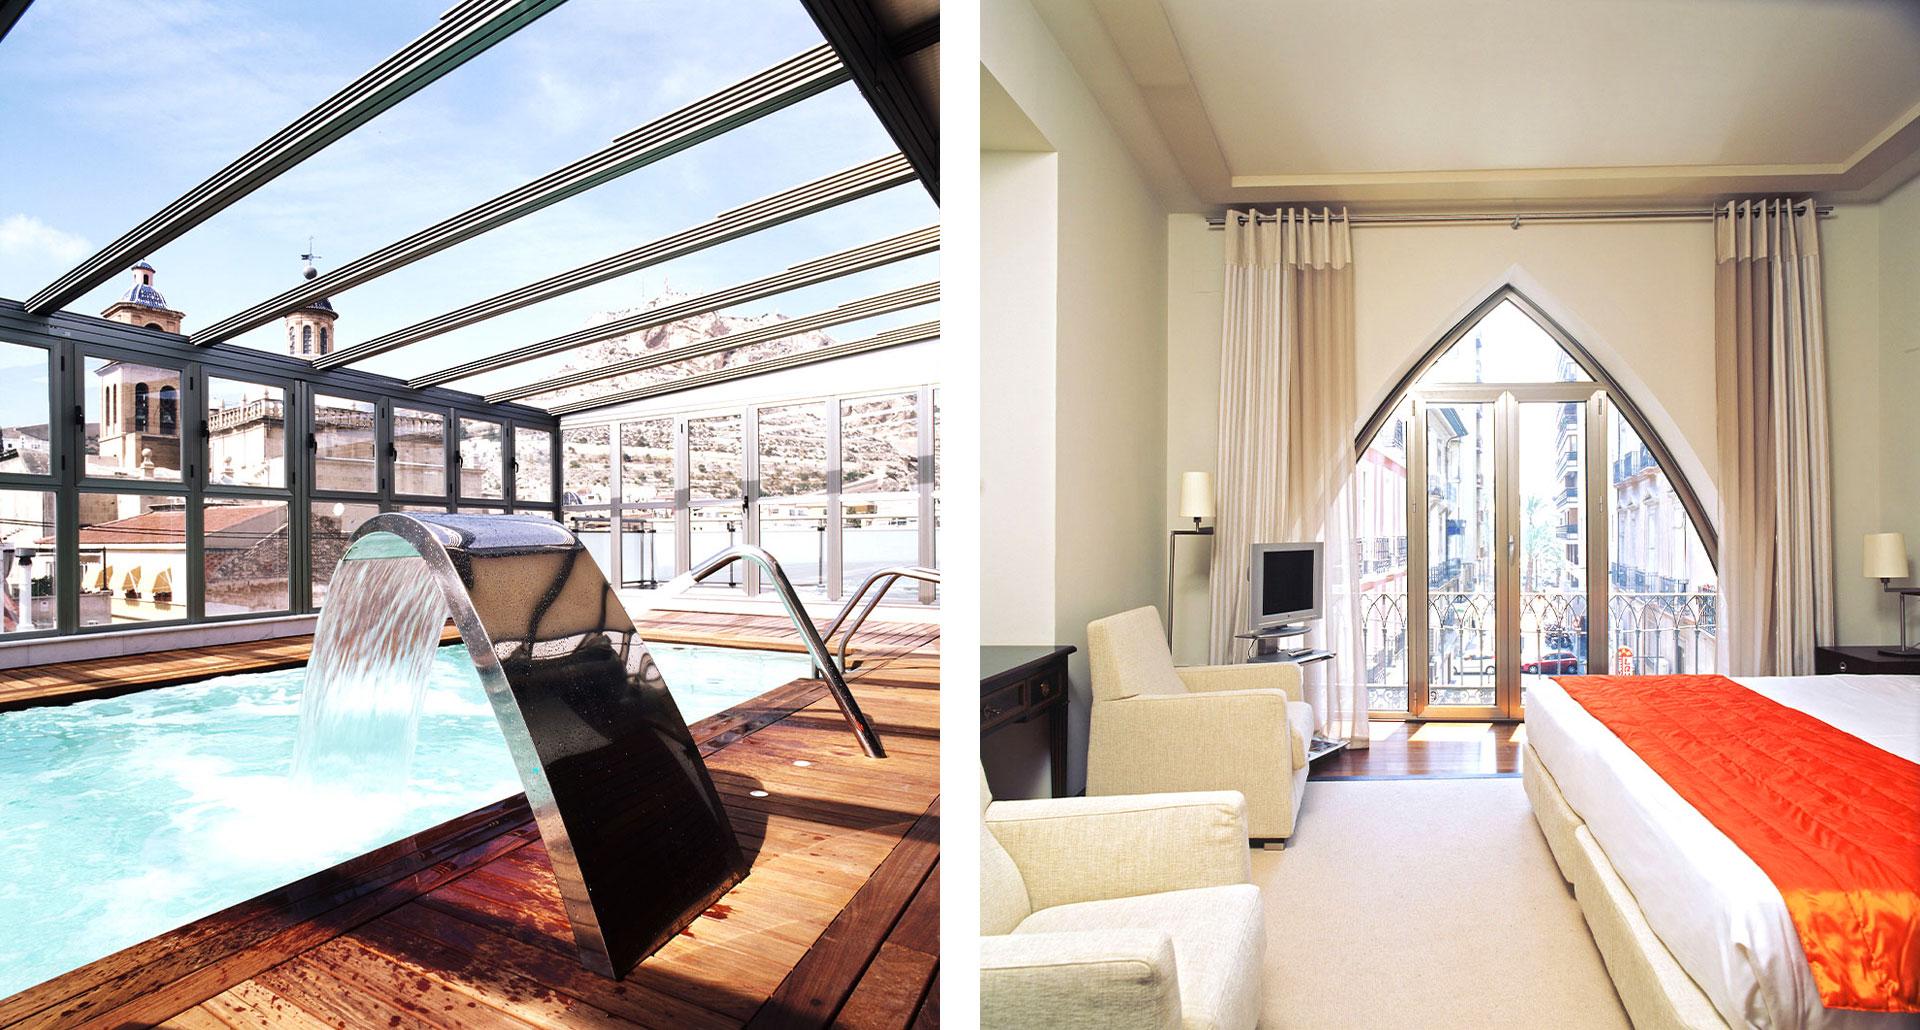 Hospes Amerigo - boutique hotel in Alicante